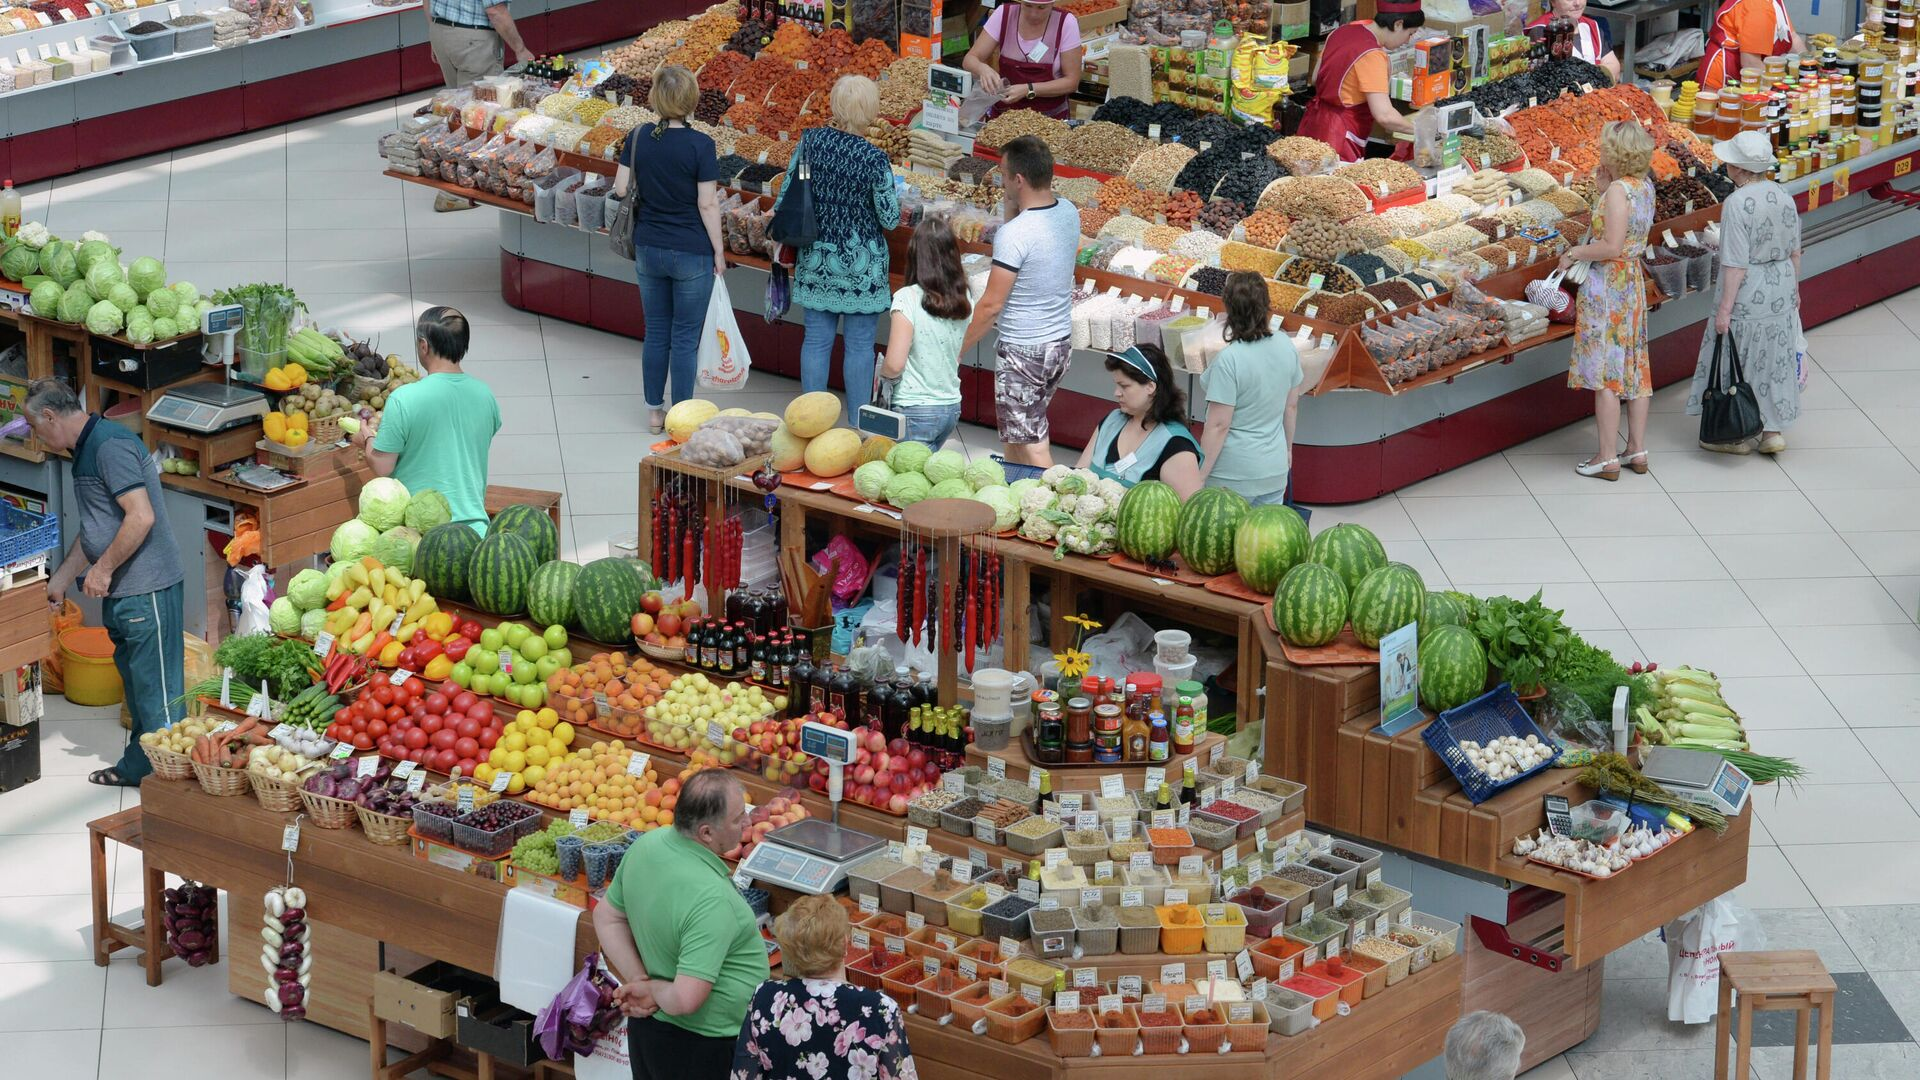 Центральный рынок в Воронеже - РИА Новости, 1920, 06.09.2021